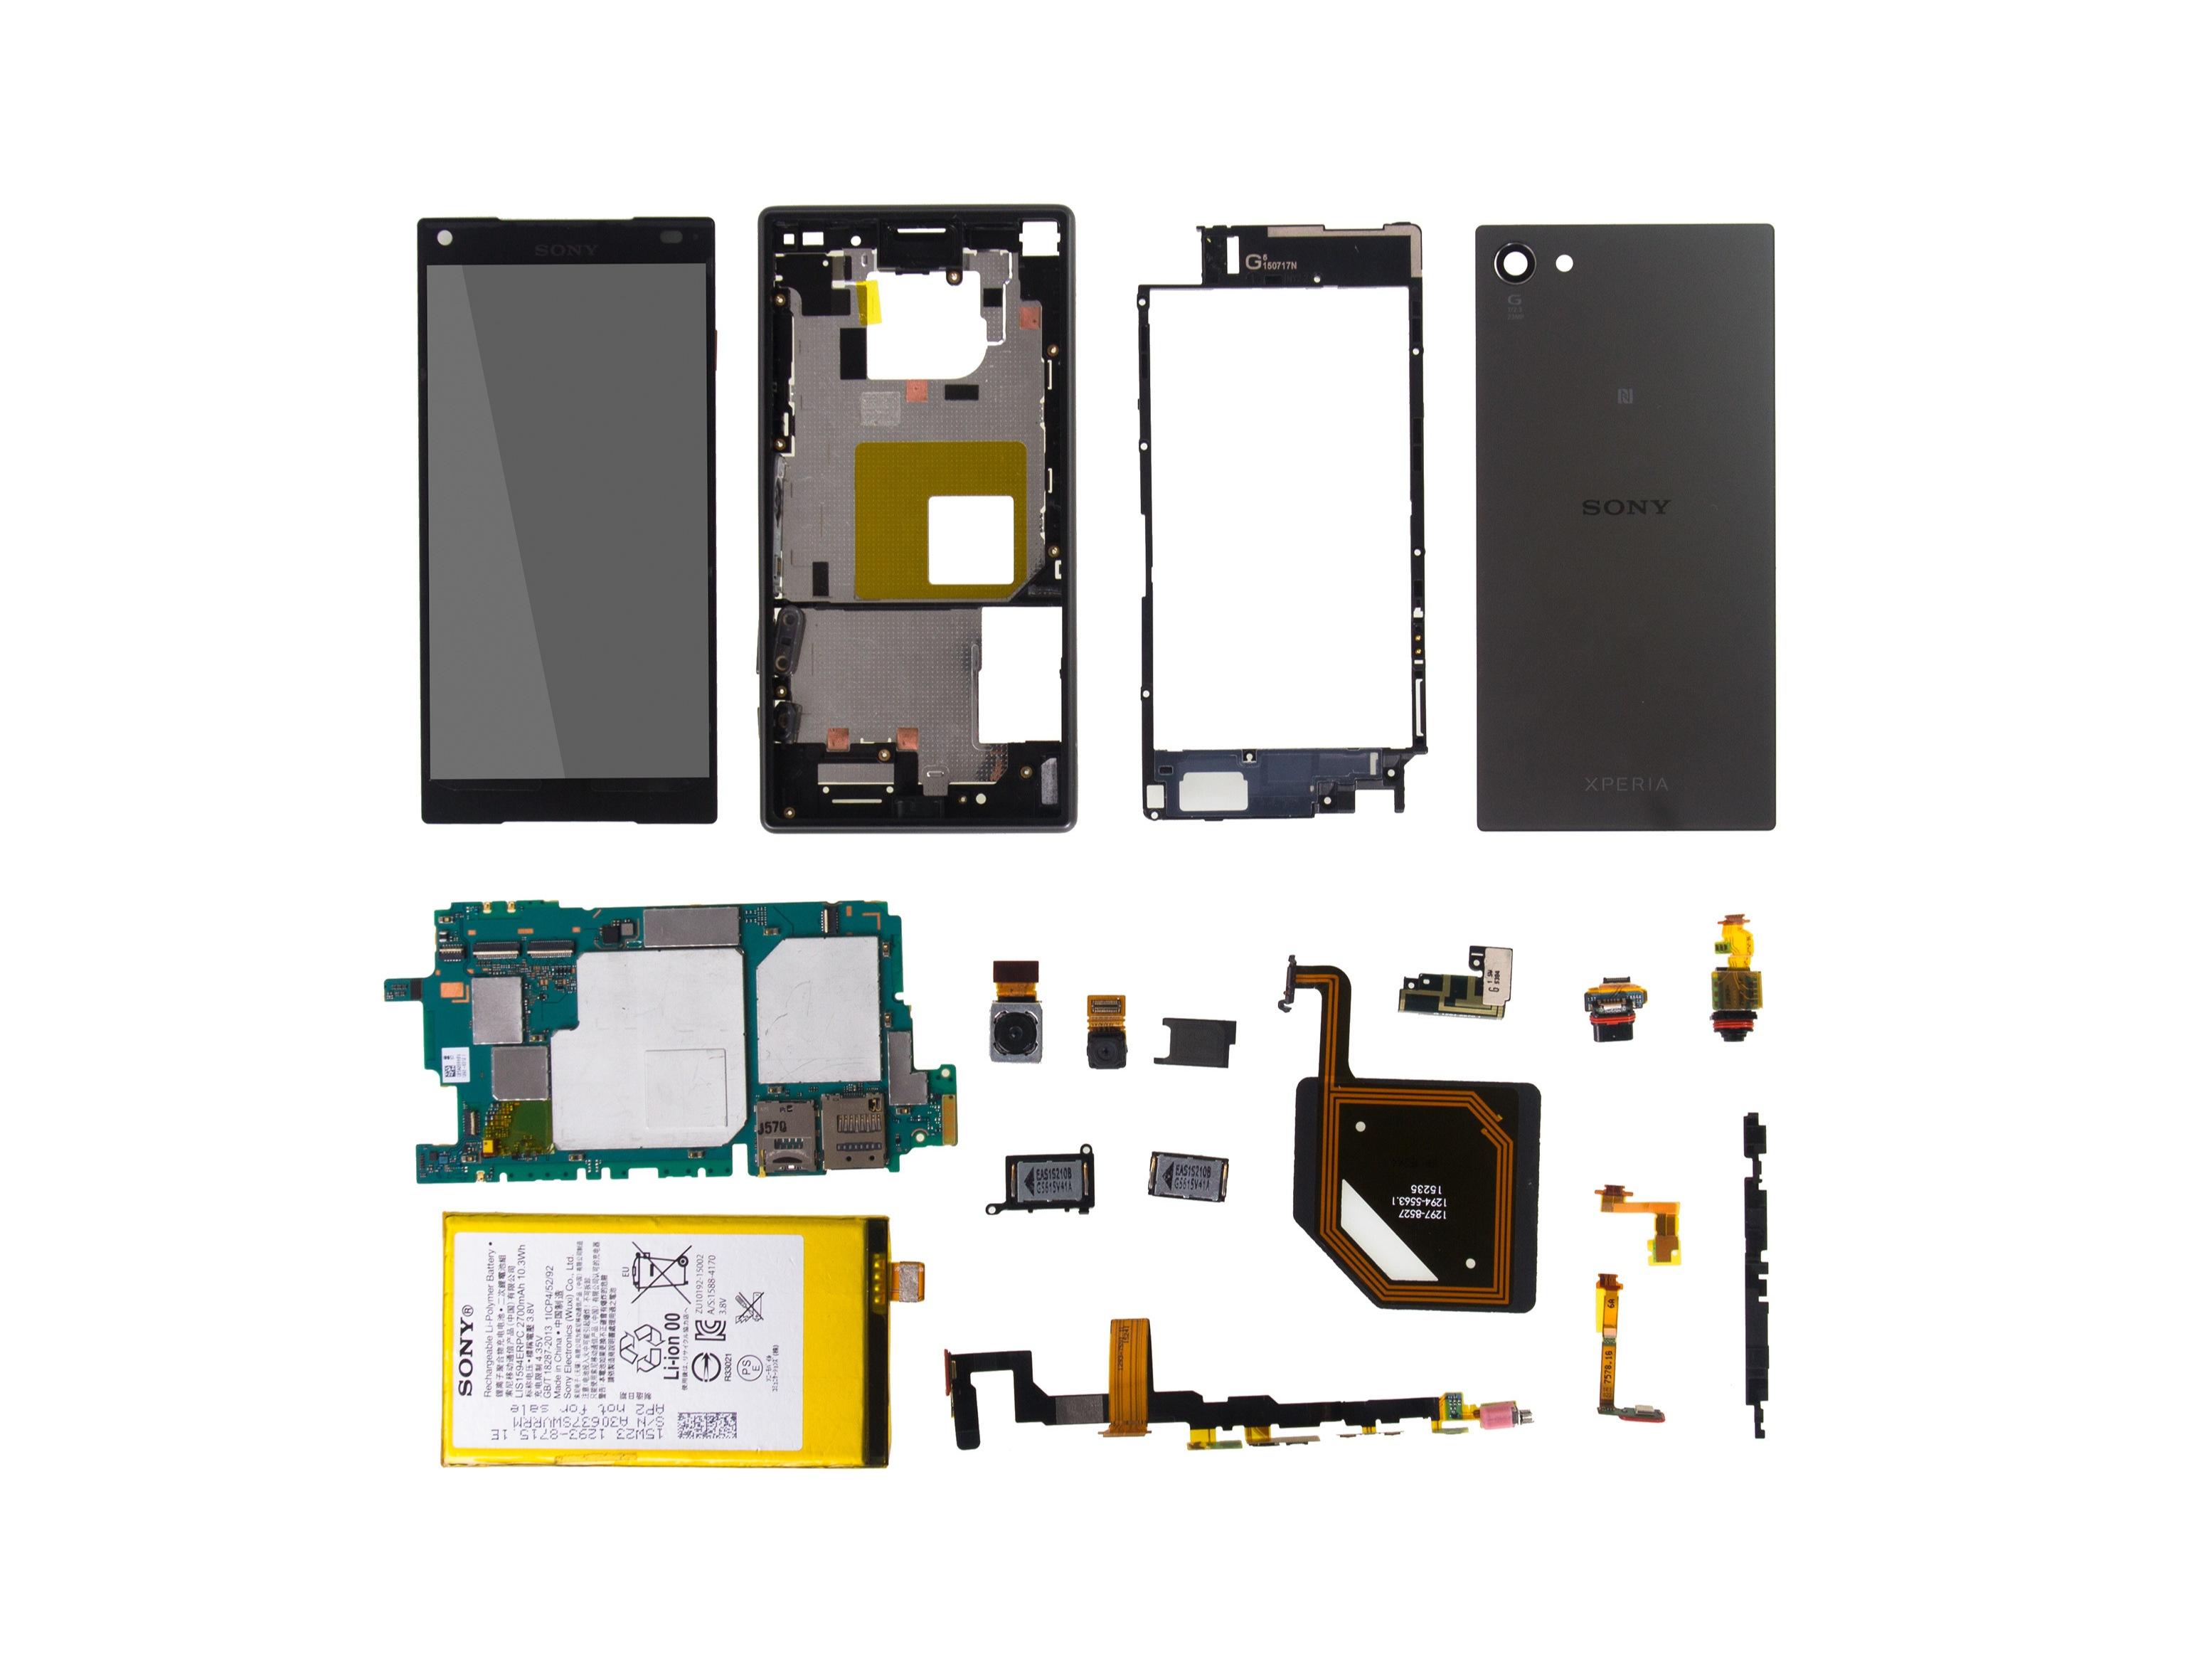 Sony Xperia Z5c Teardown Ifixit Z Circuit Diagram